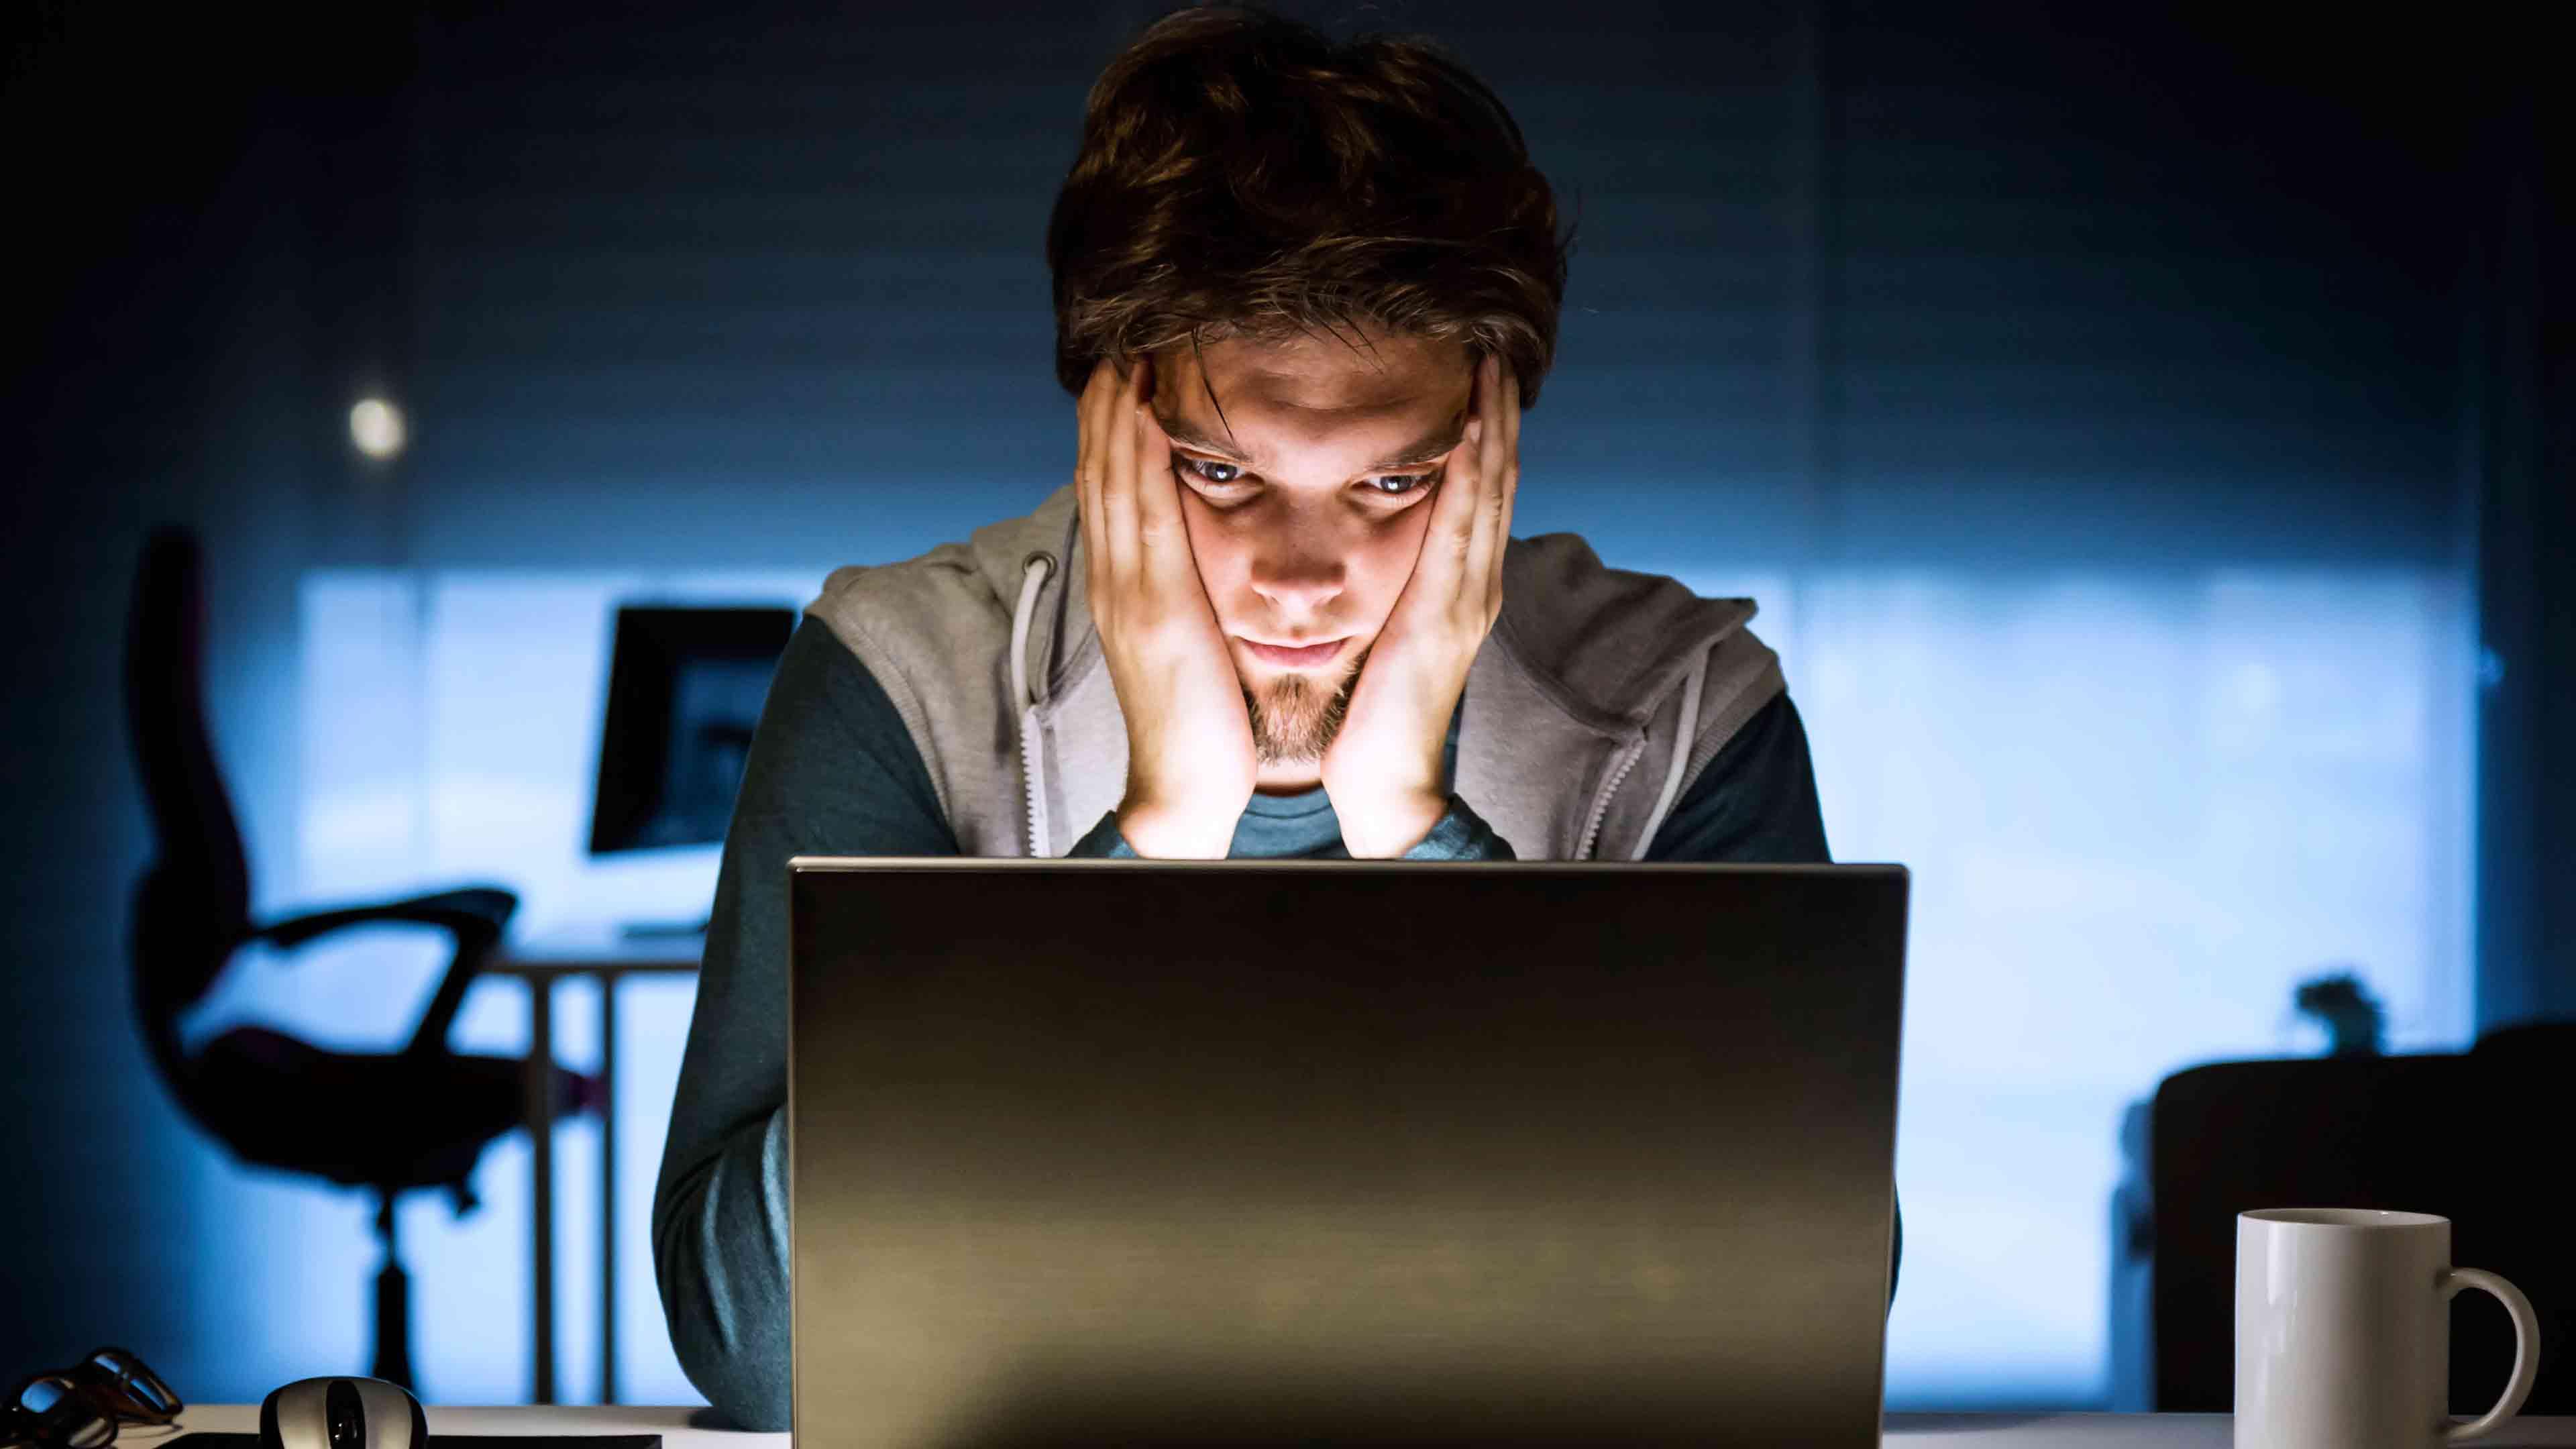 Computer headaches?